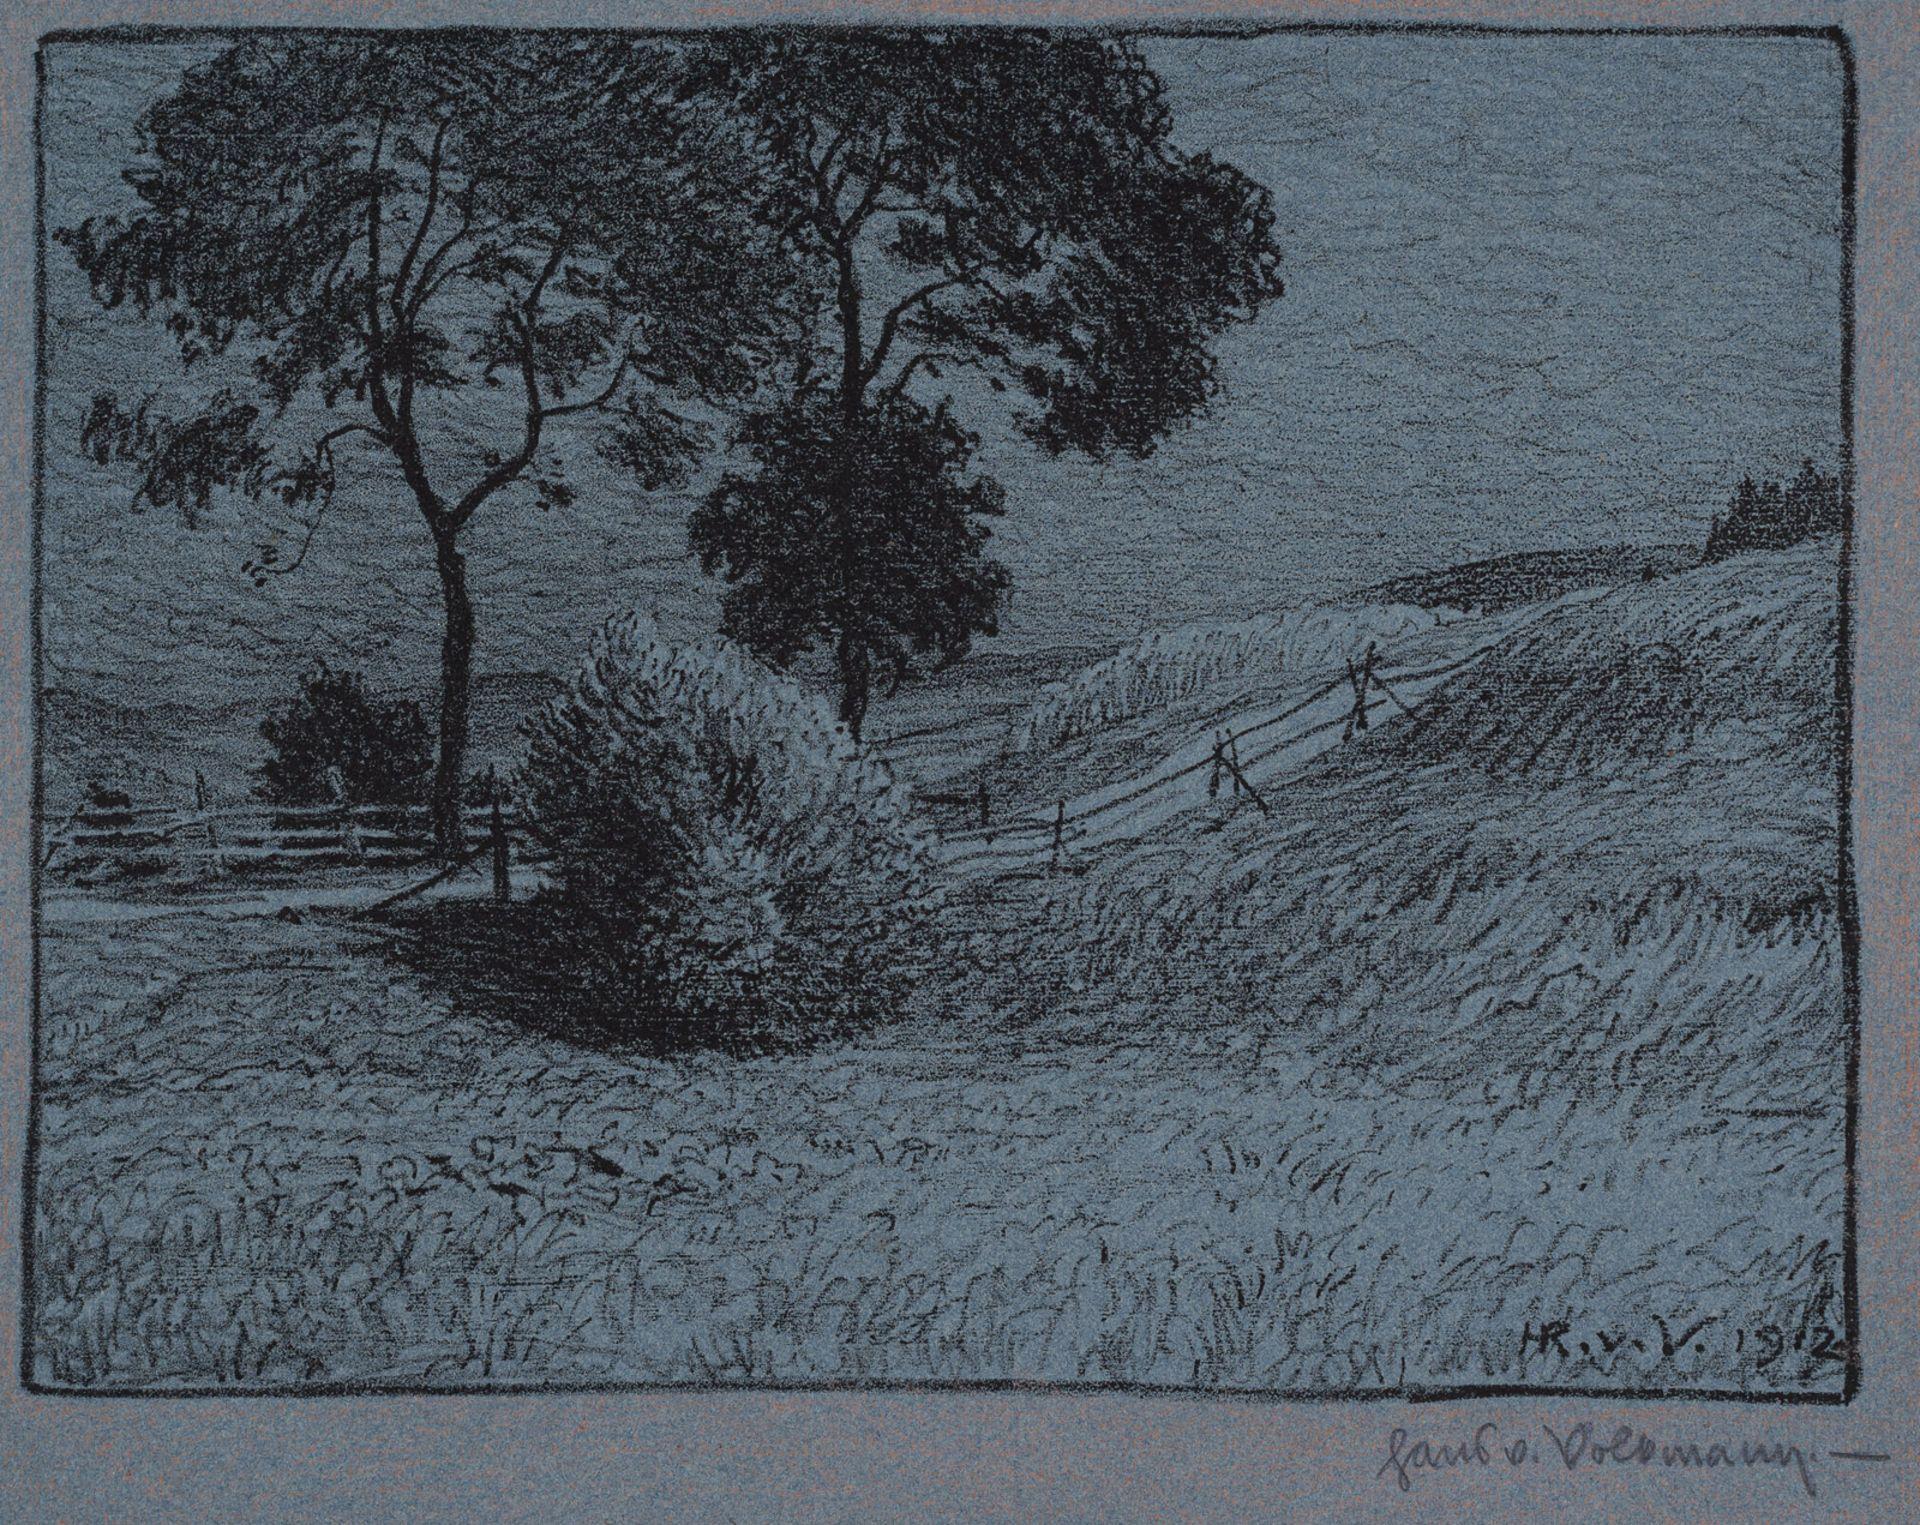 Volkmann, Hans Richard von - Image 7 of 10